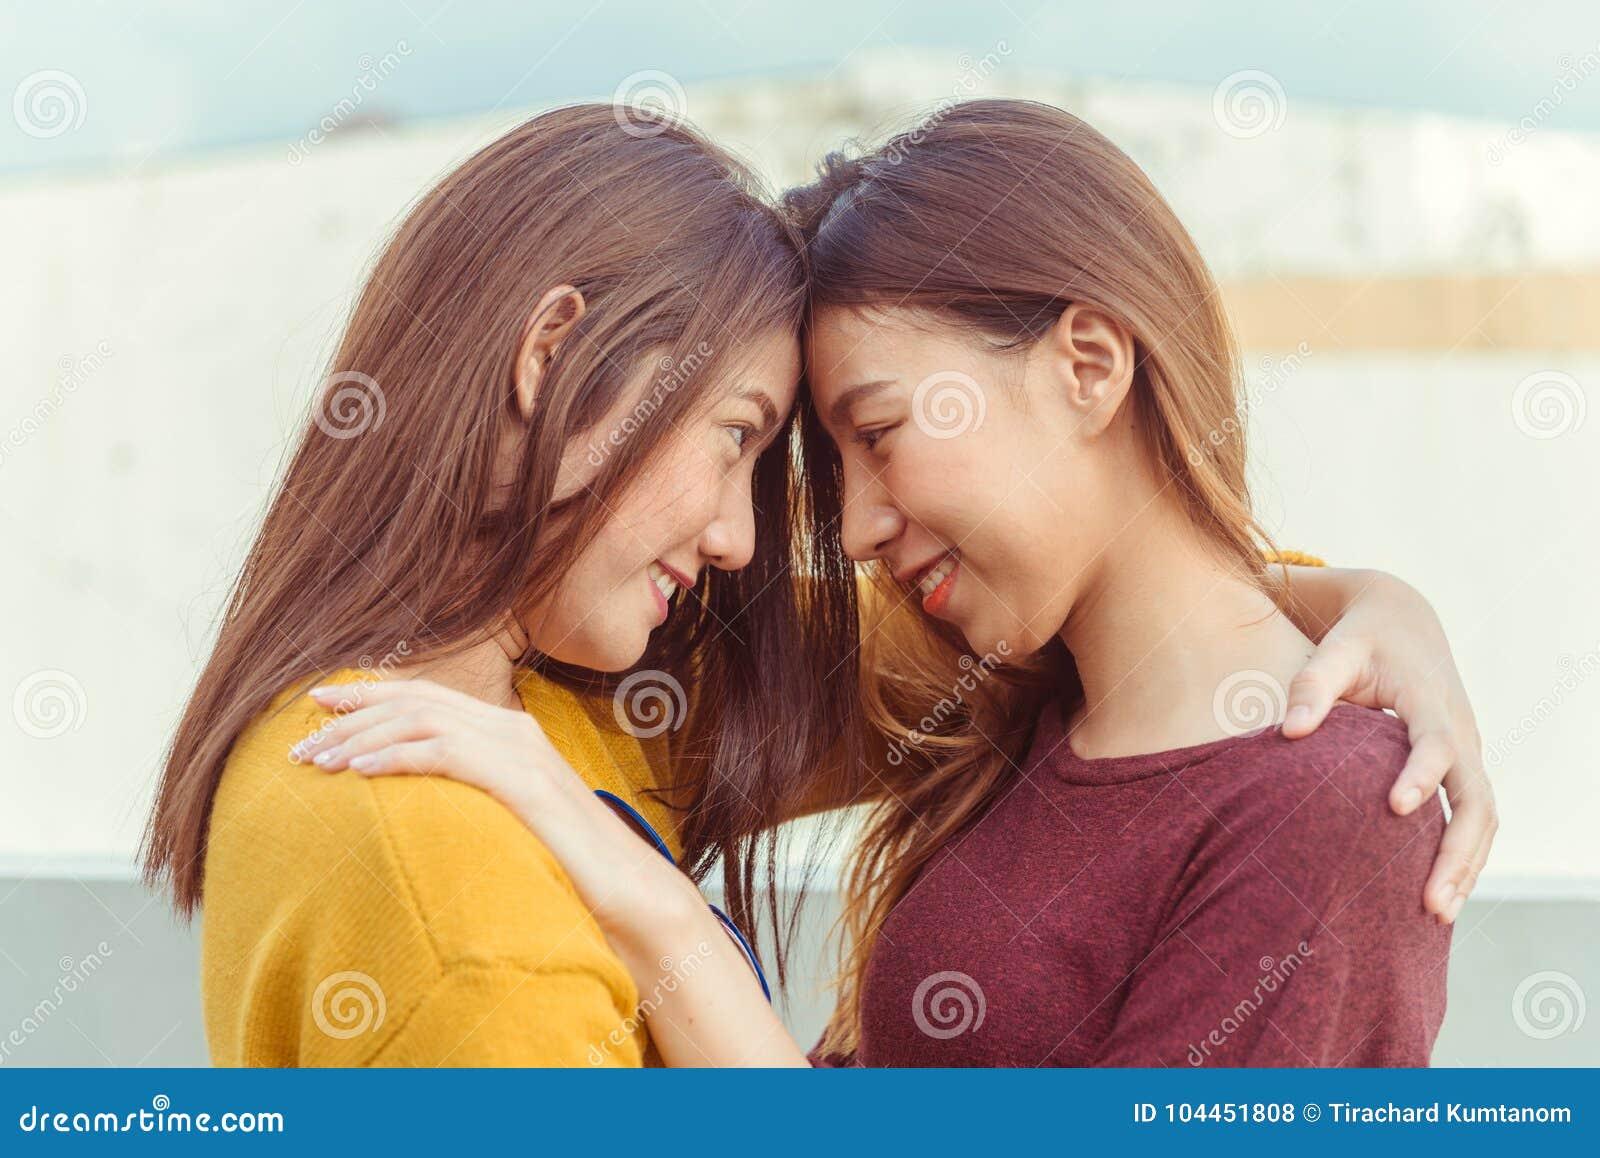 en ligne datant lesbienne gratuit sites de rencontres indiennes Chennai